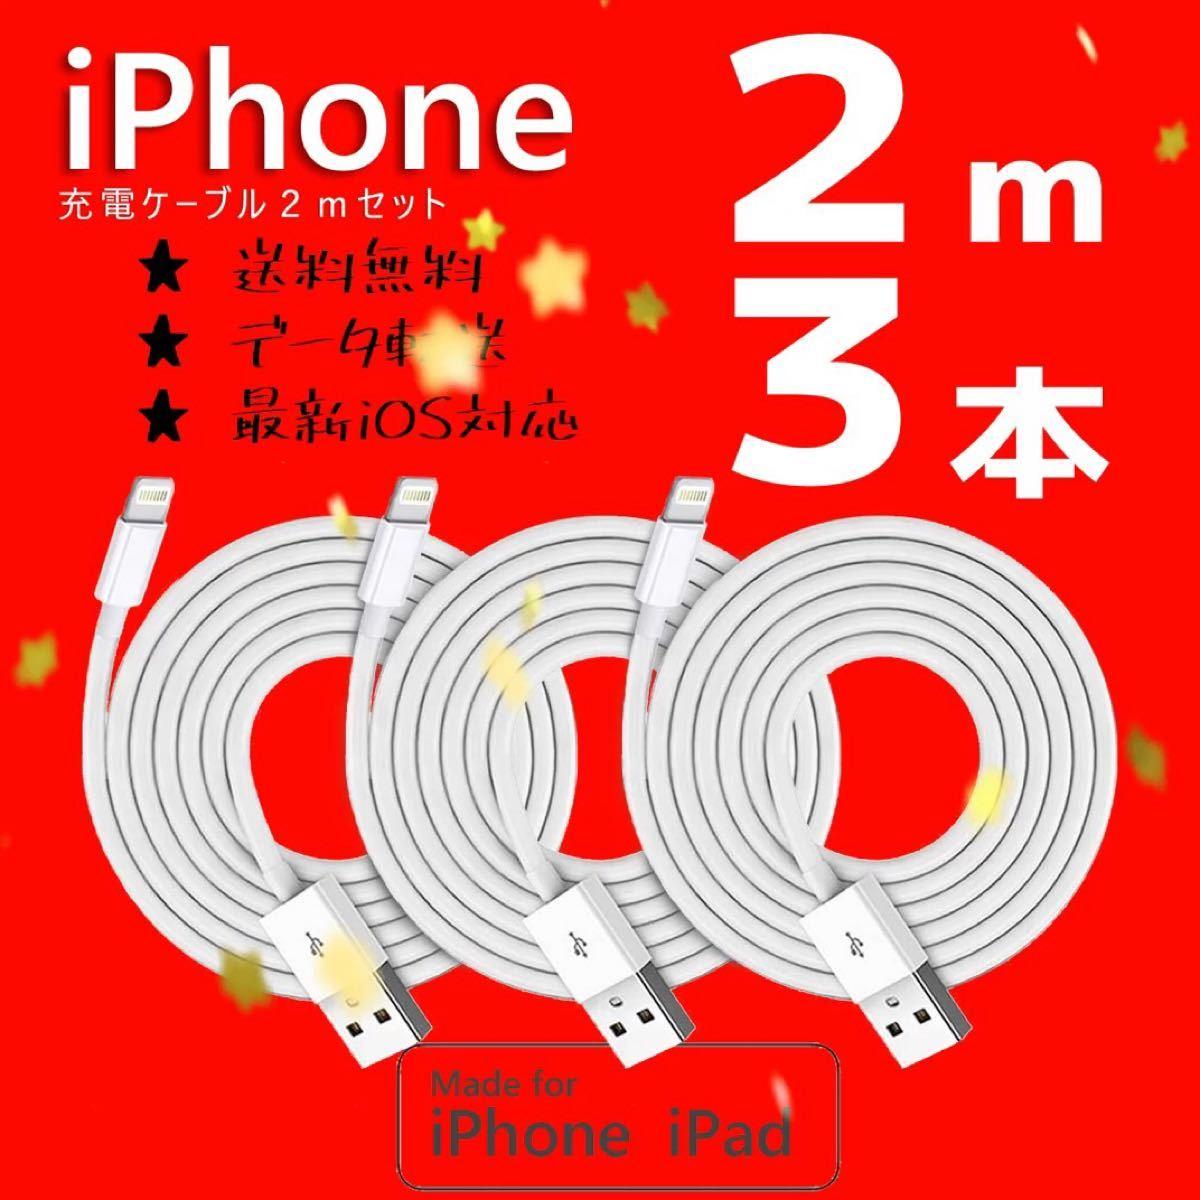 iPhone 充電器 充電ケーブル コード lightning cable 2m 3本 ライトニングケーブル 電源 スマホ